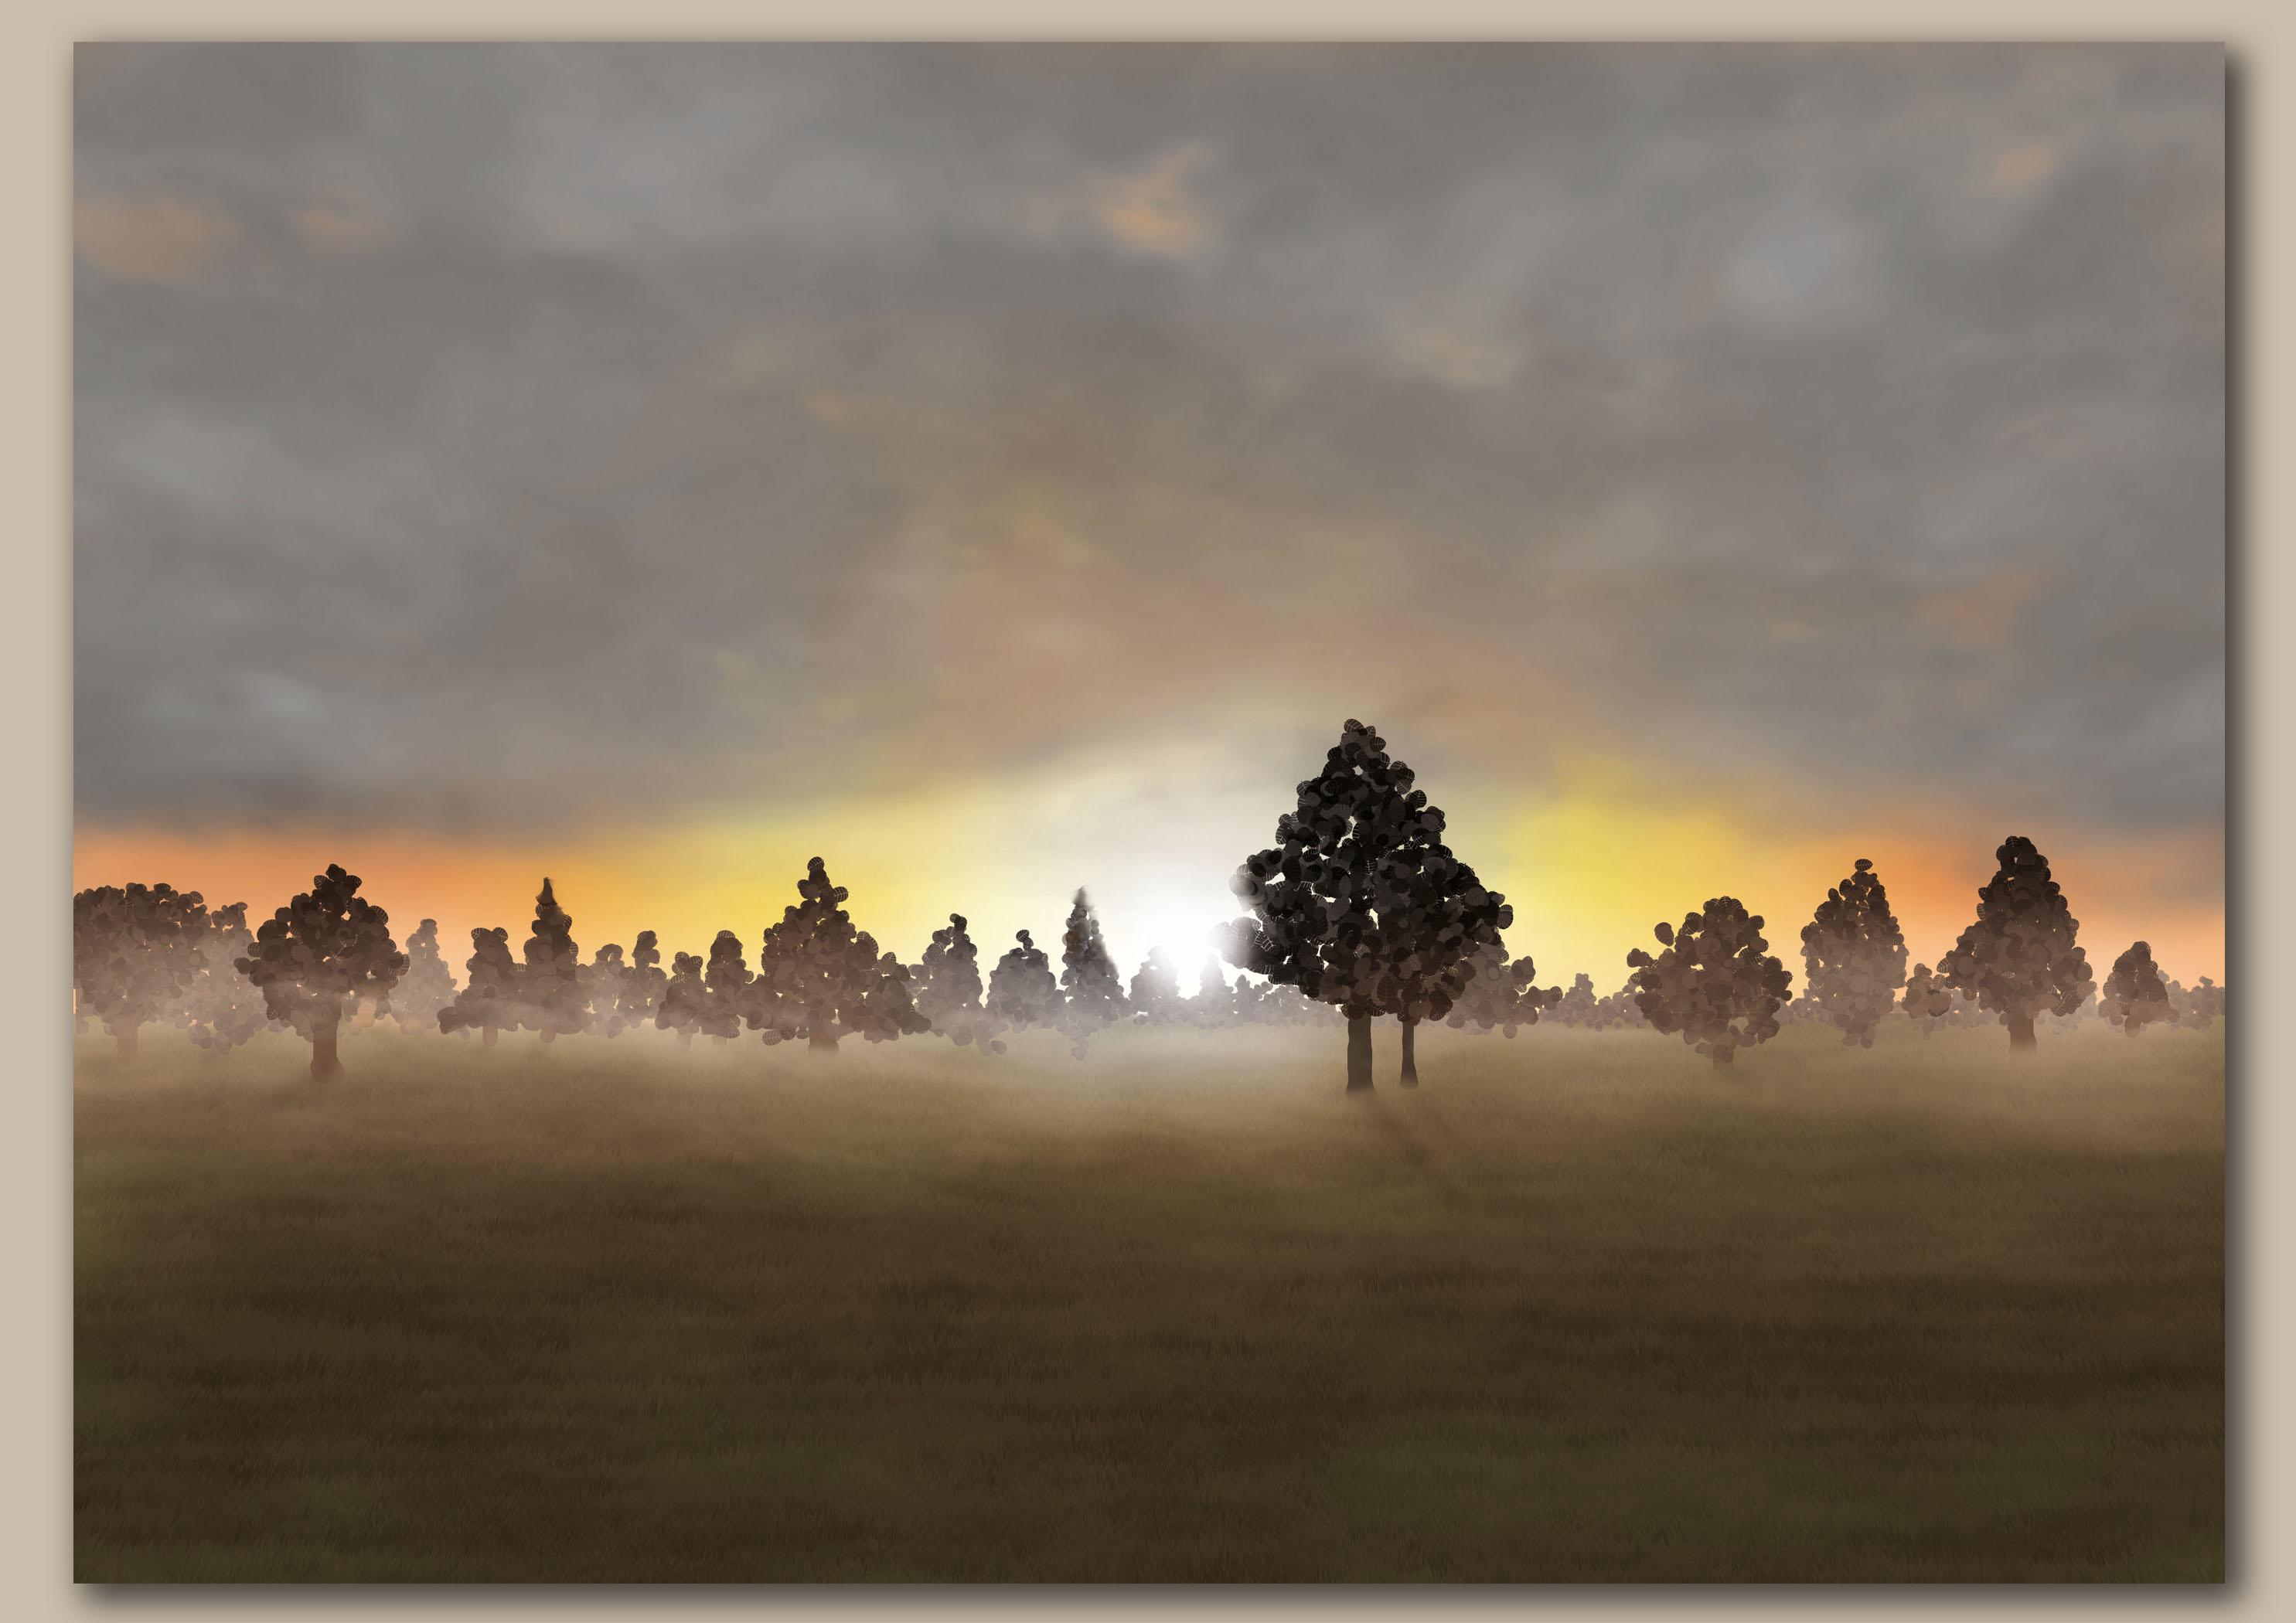 Opkomende zon door bomen over een weiland met lichte oranje licht